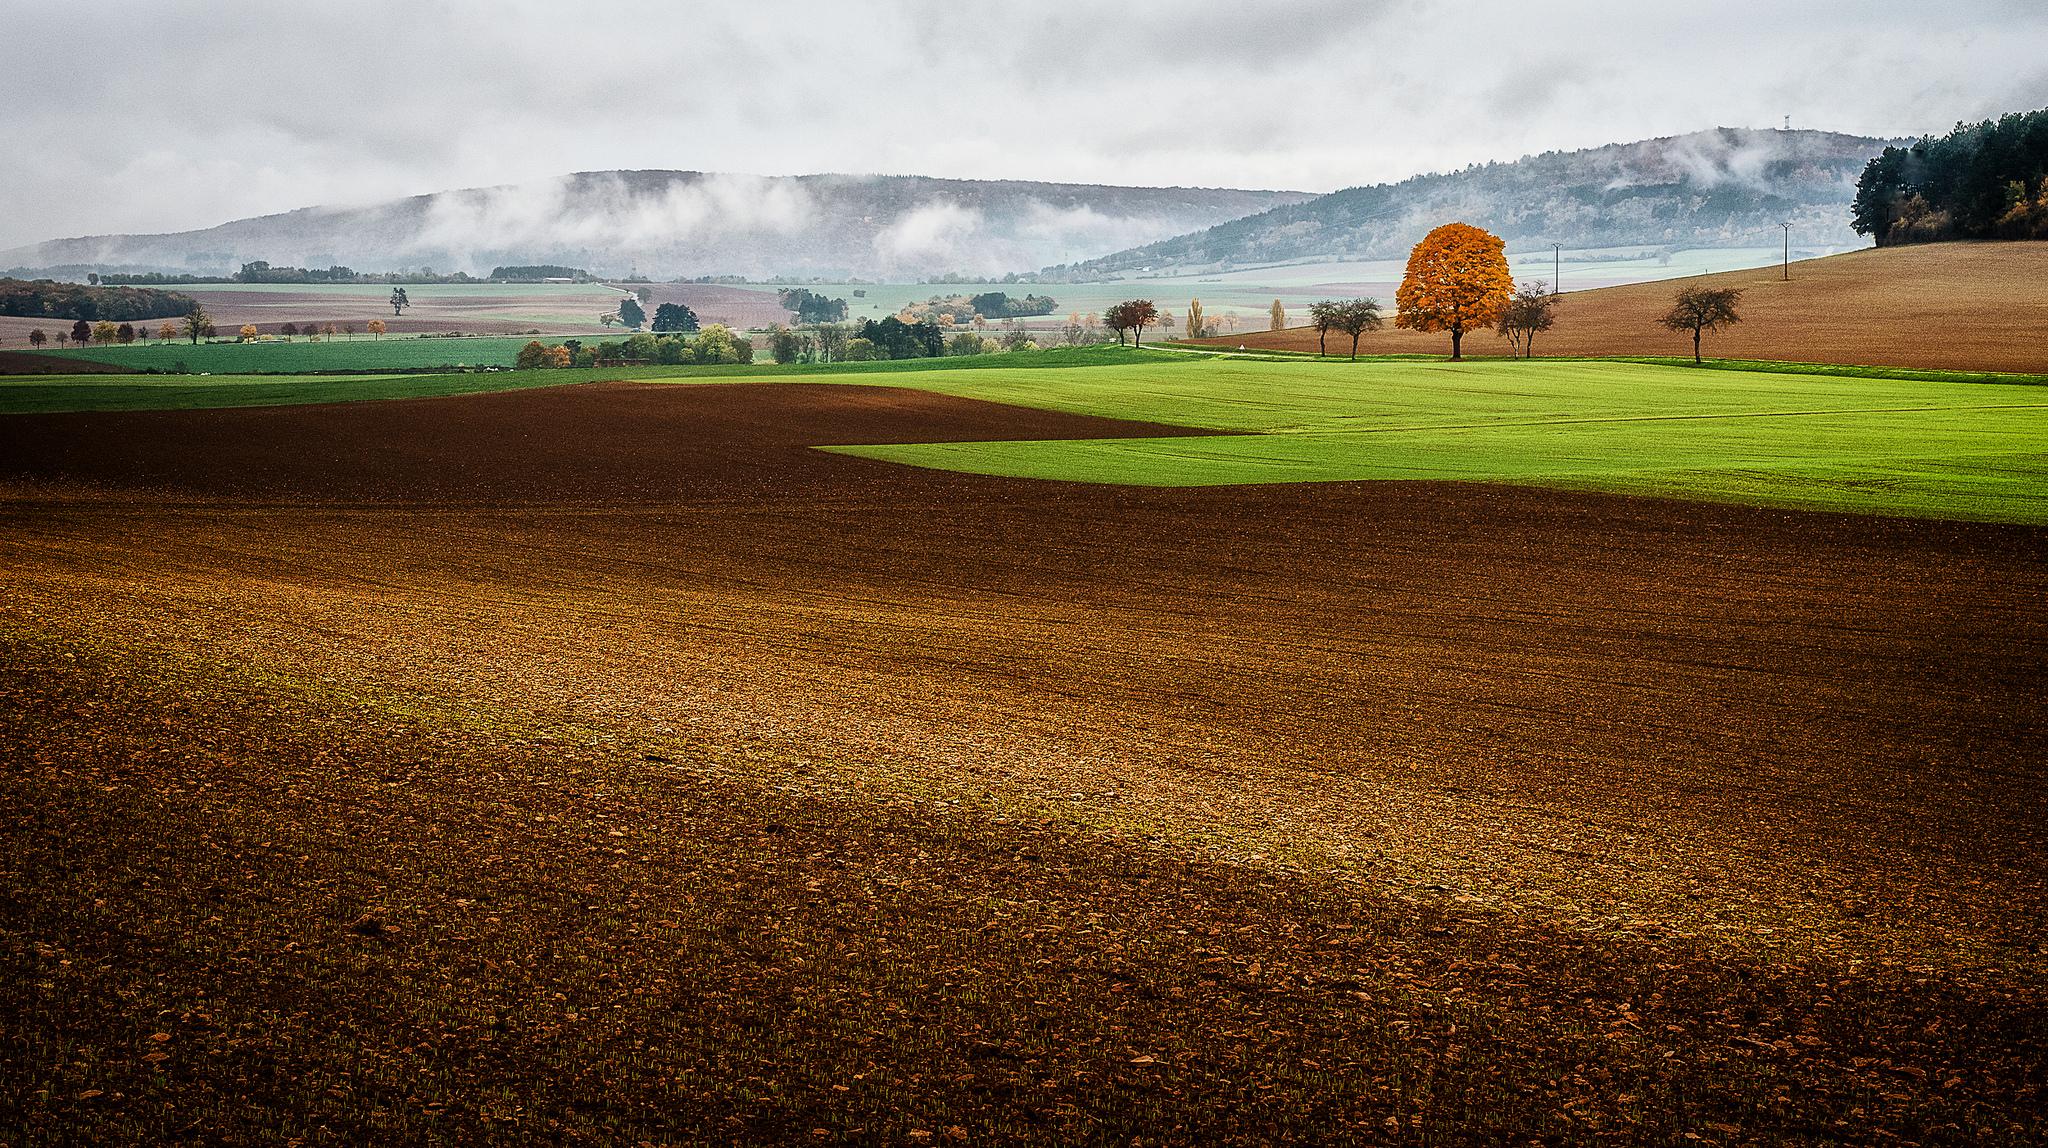 Francúzsko, biohospodárstvo, poľnohospodárstvo